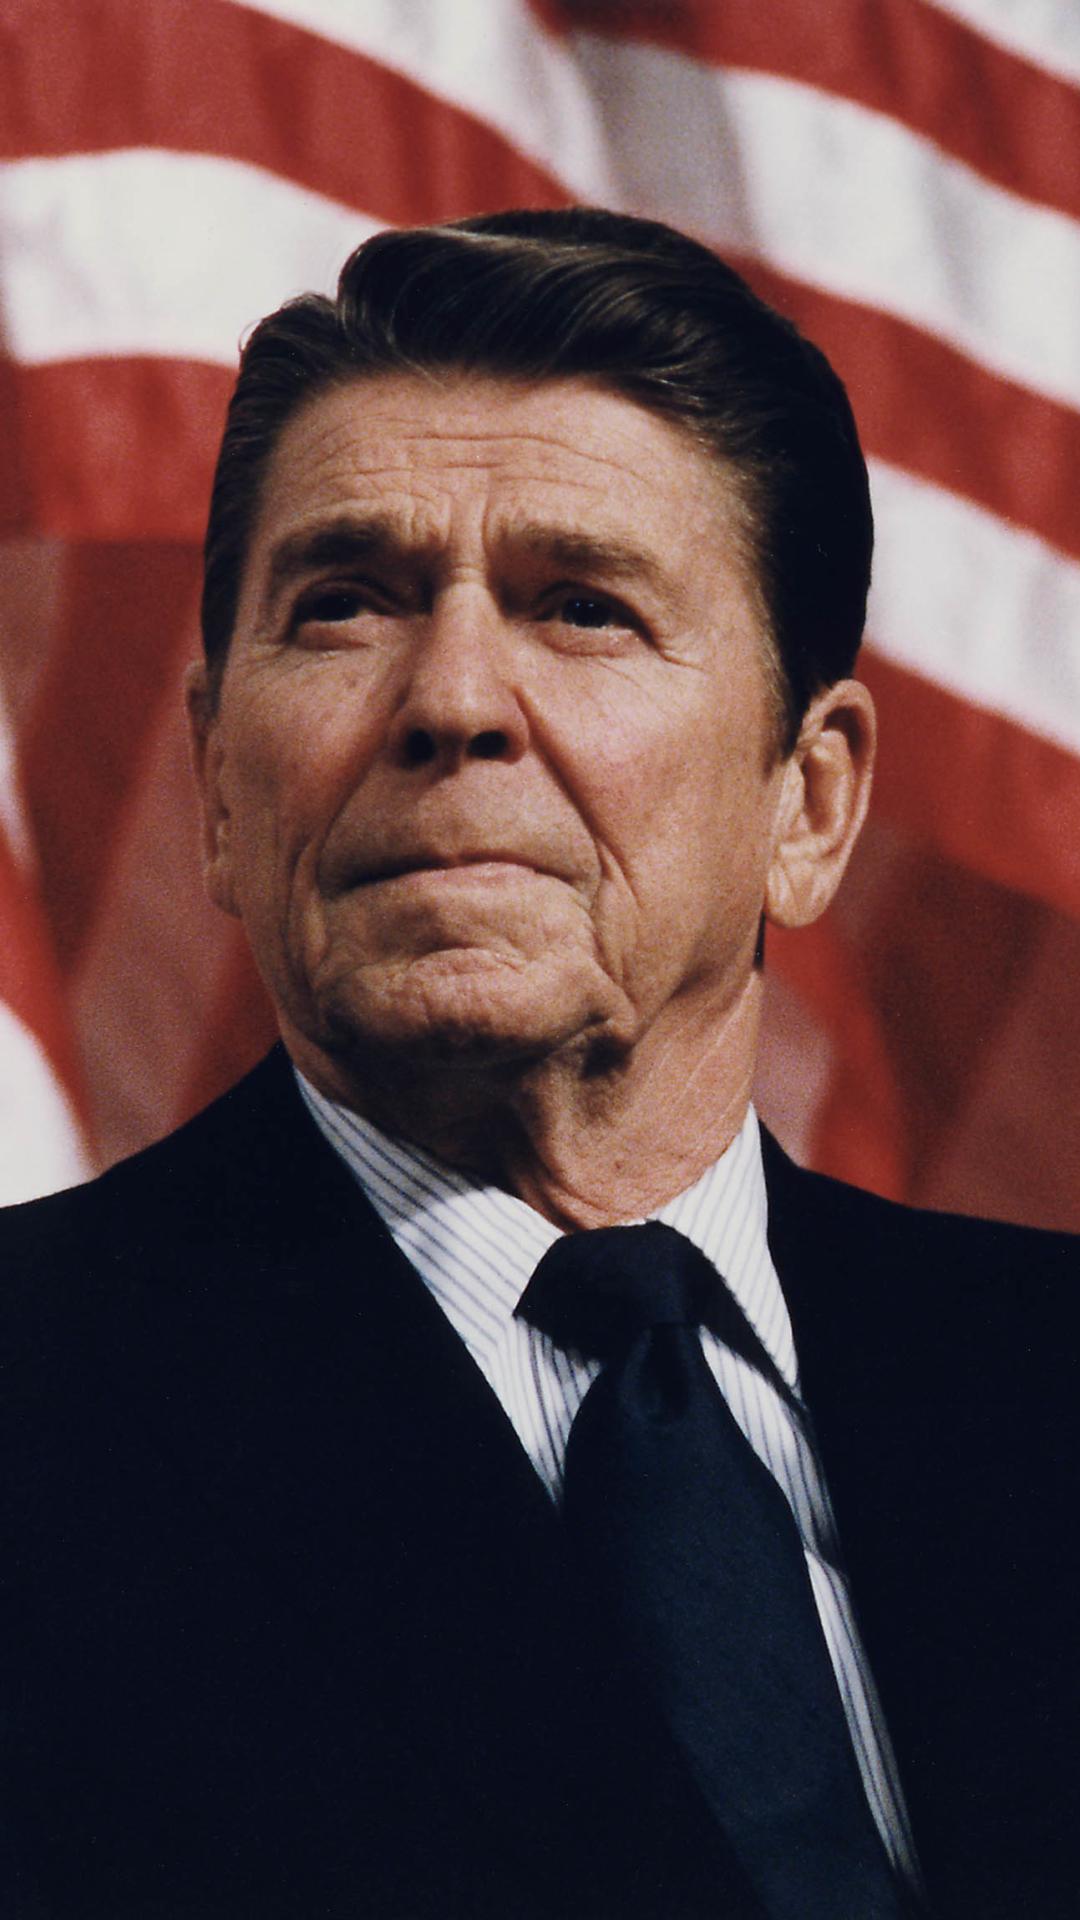 Celebrity Ronald Reagan Mobile Wallpaper Ronald Reagan